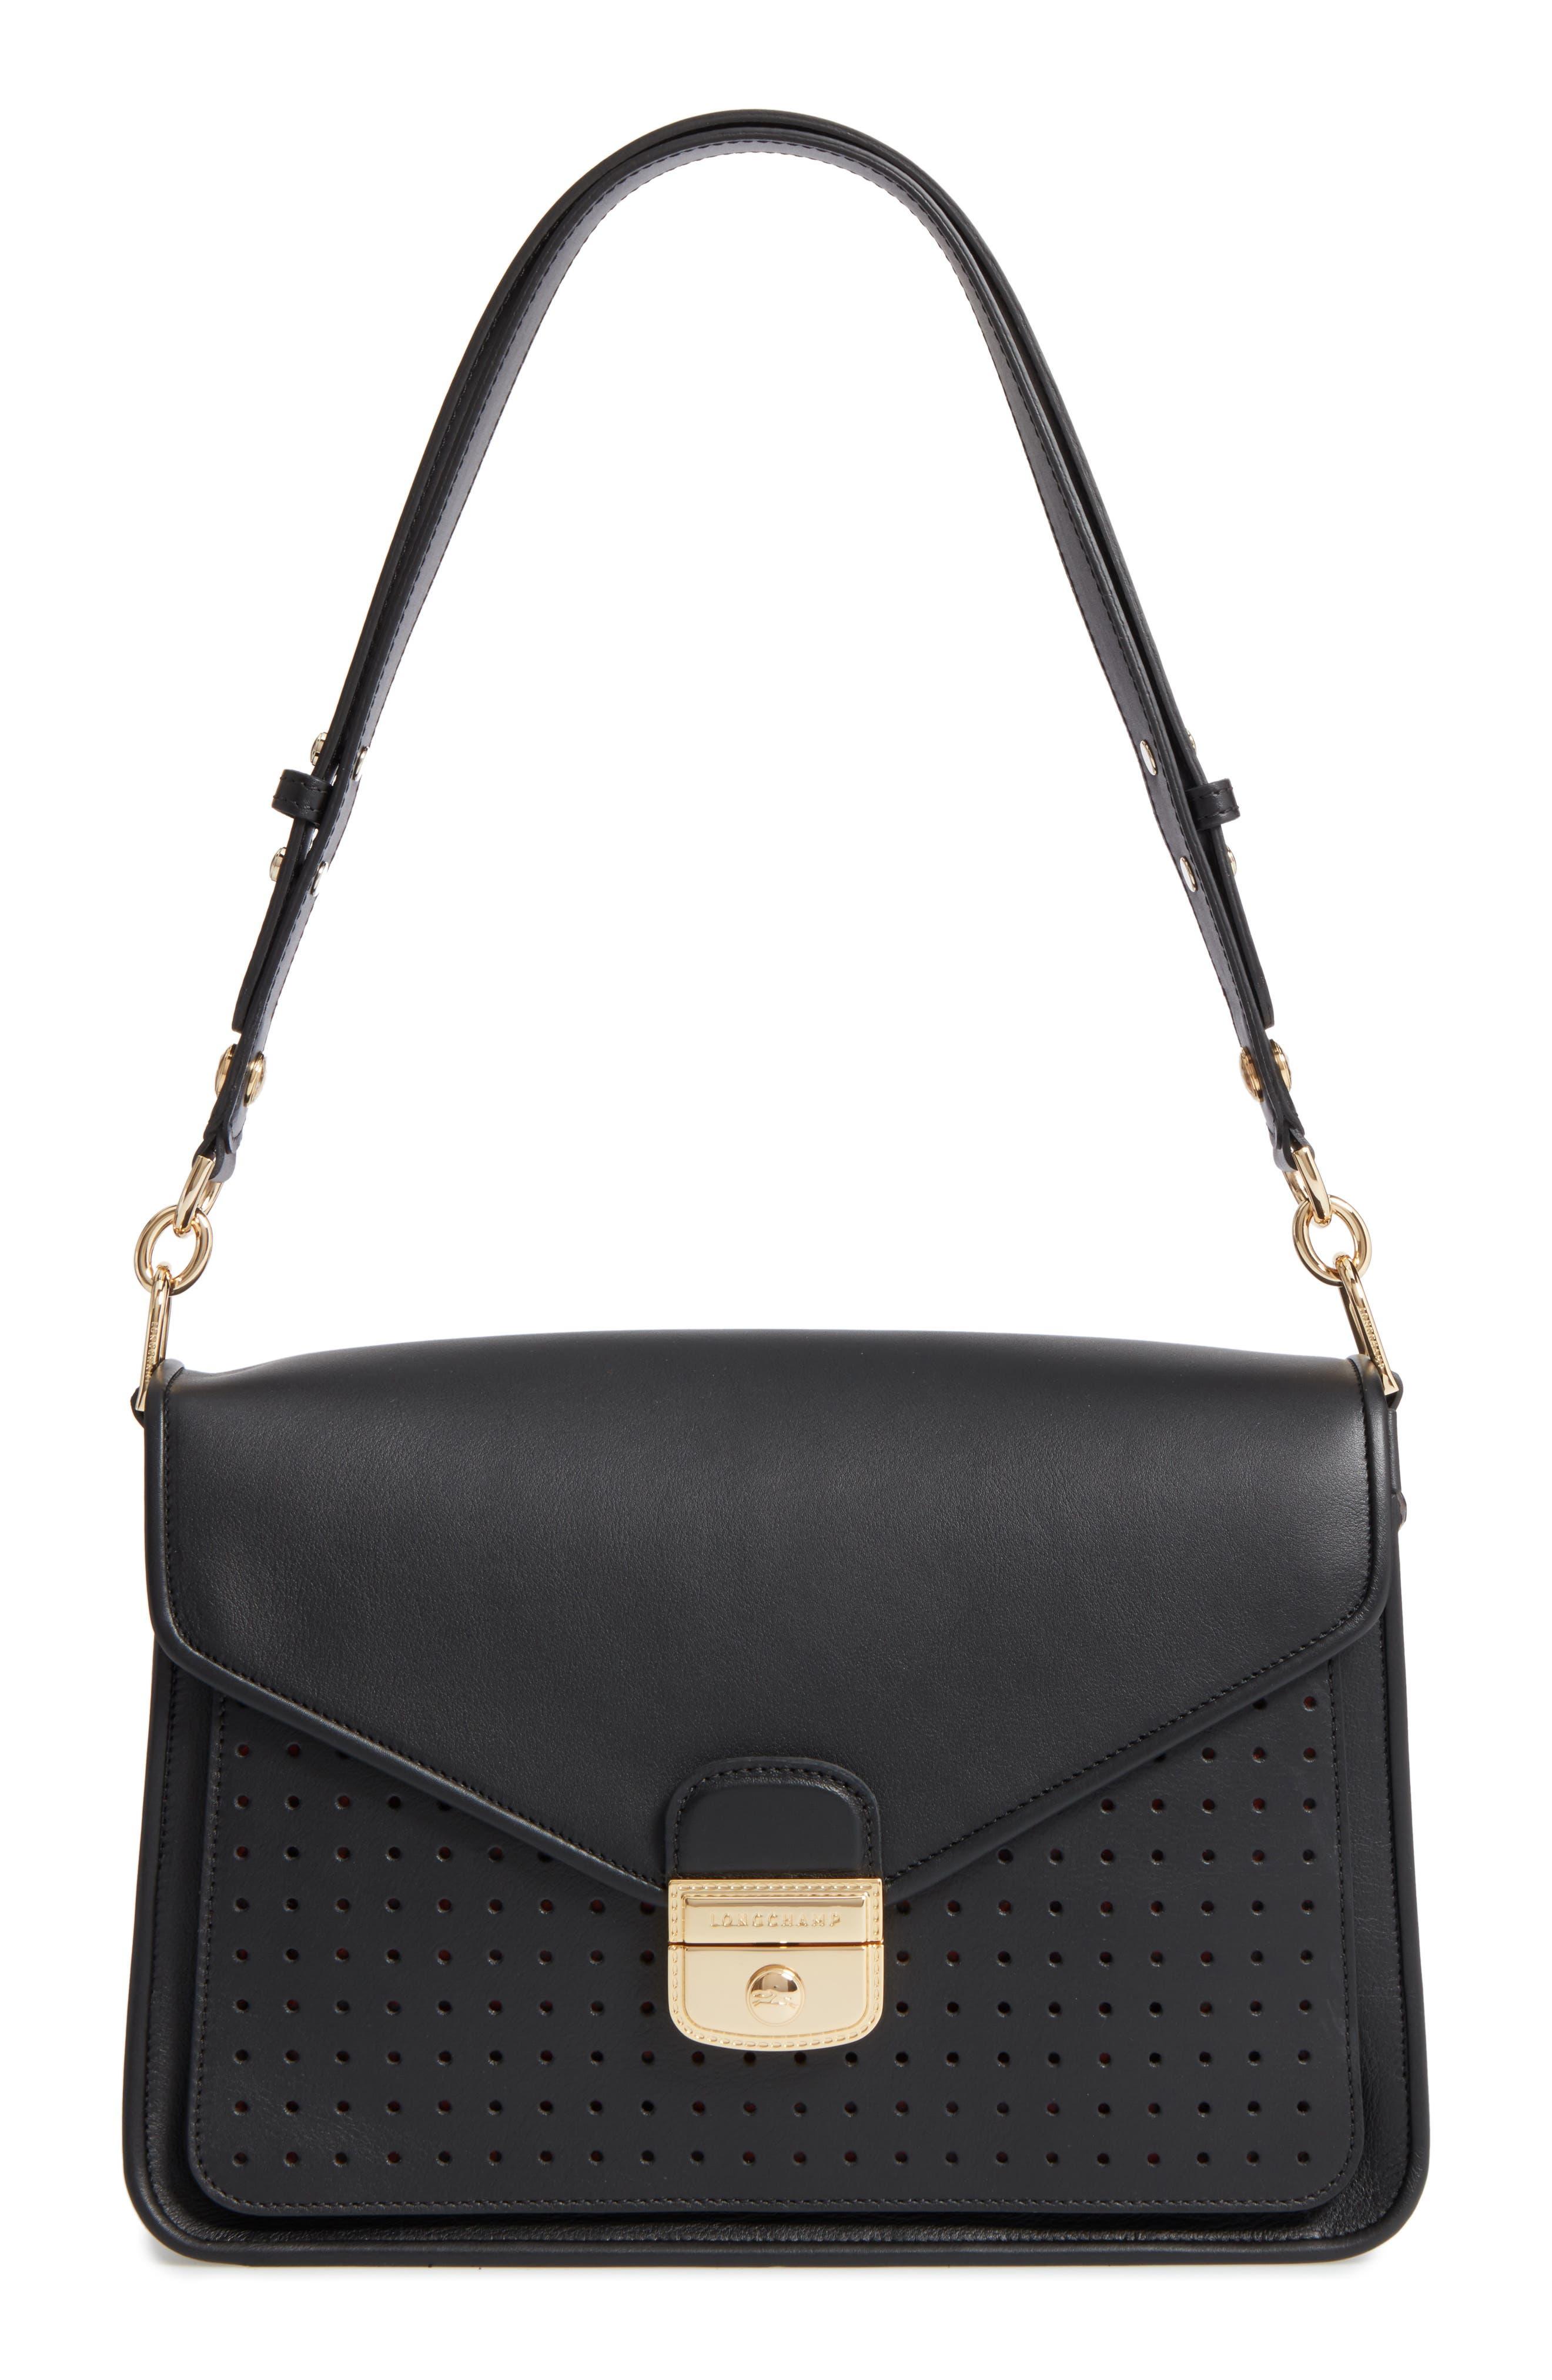 Longchamp Mademoiselle Calfskin Leather Shoulder Bag